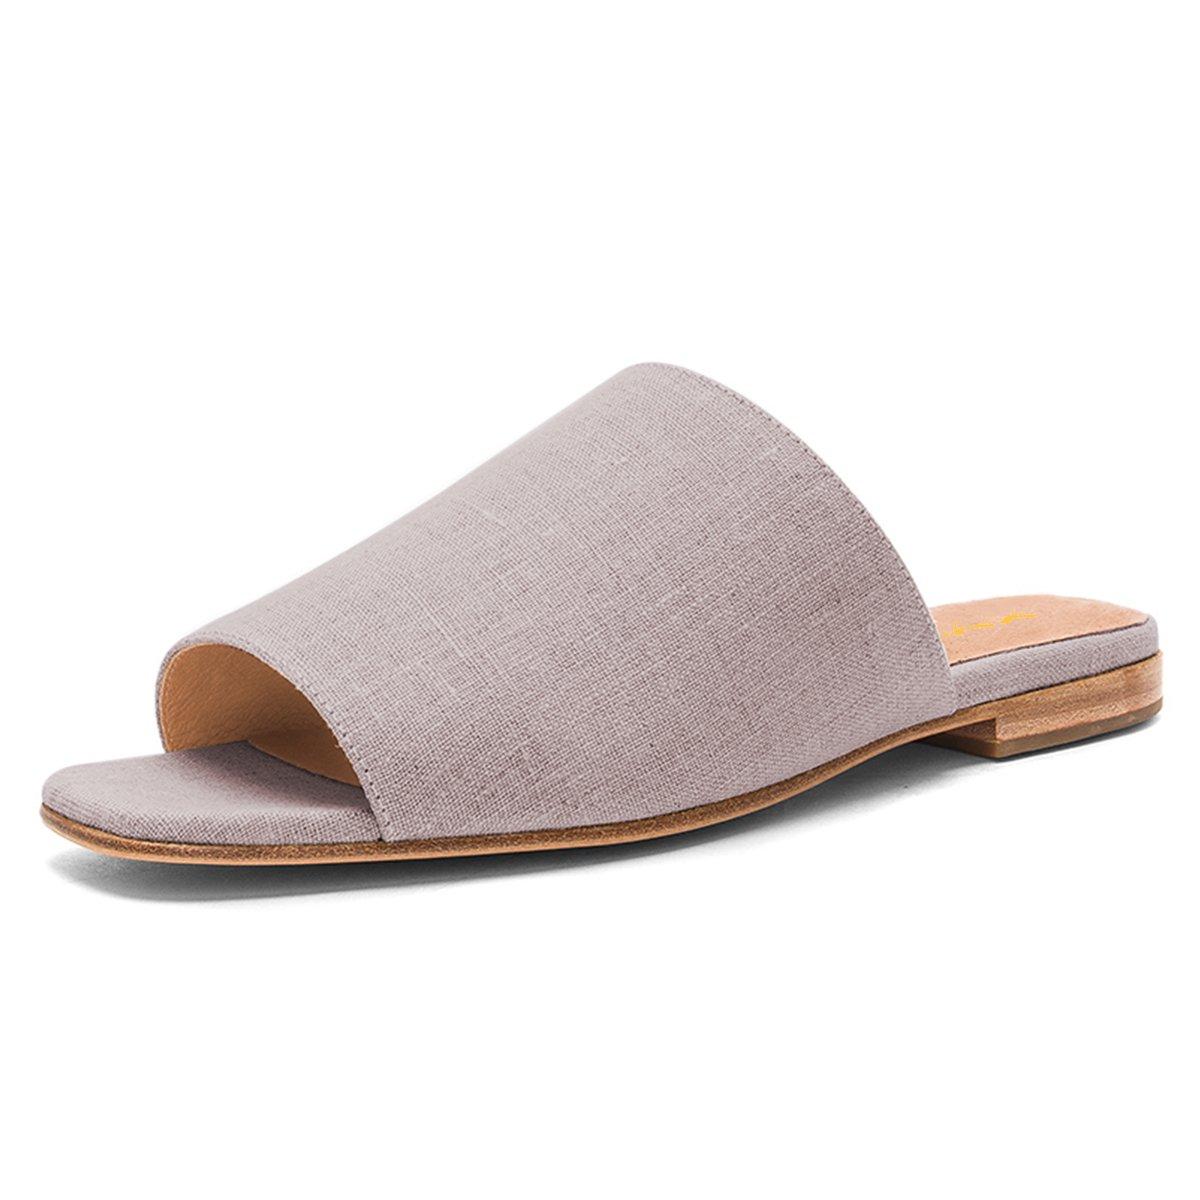 XYD Women Fashion Open Toe Mule Slide Sandal Flats Slip On Backless Summer Slipper Shoes Size 8 Gray